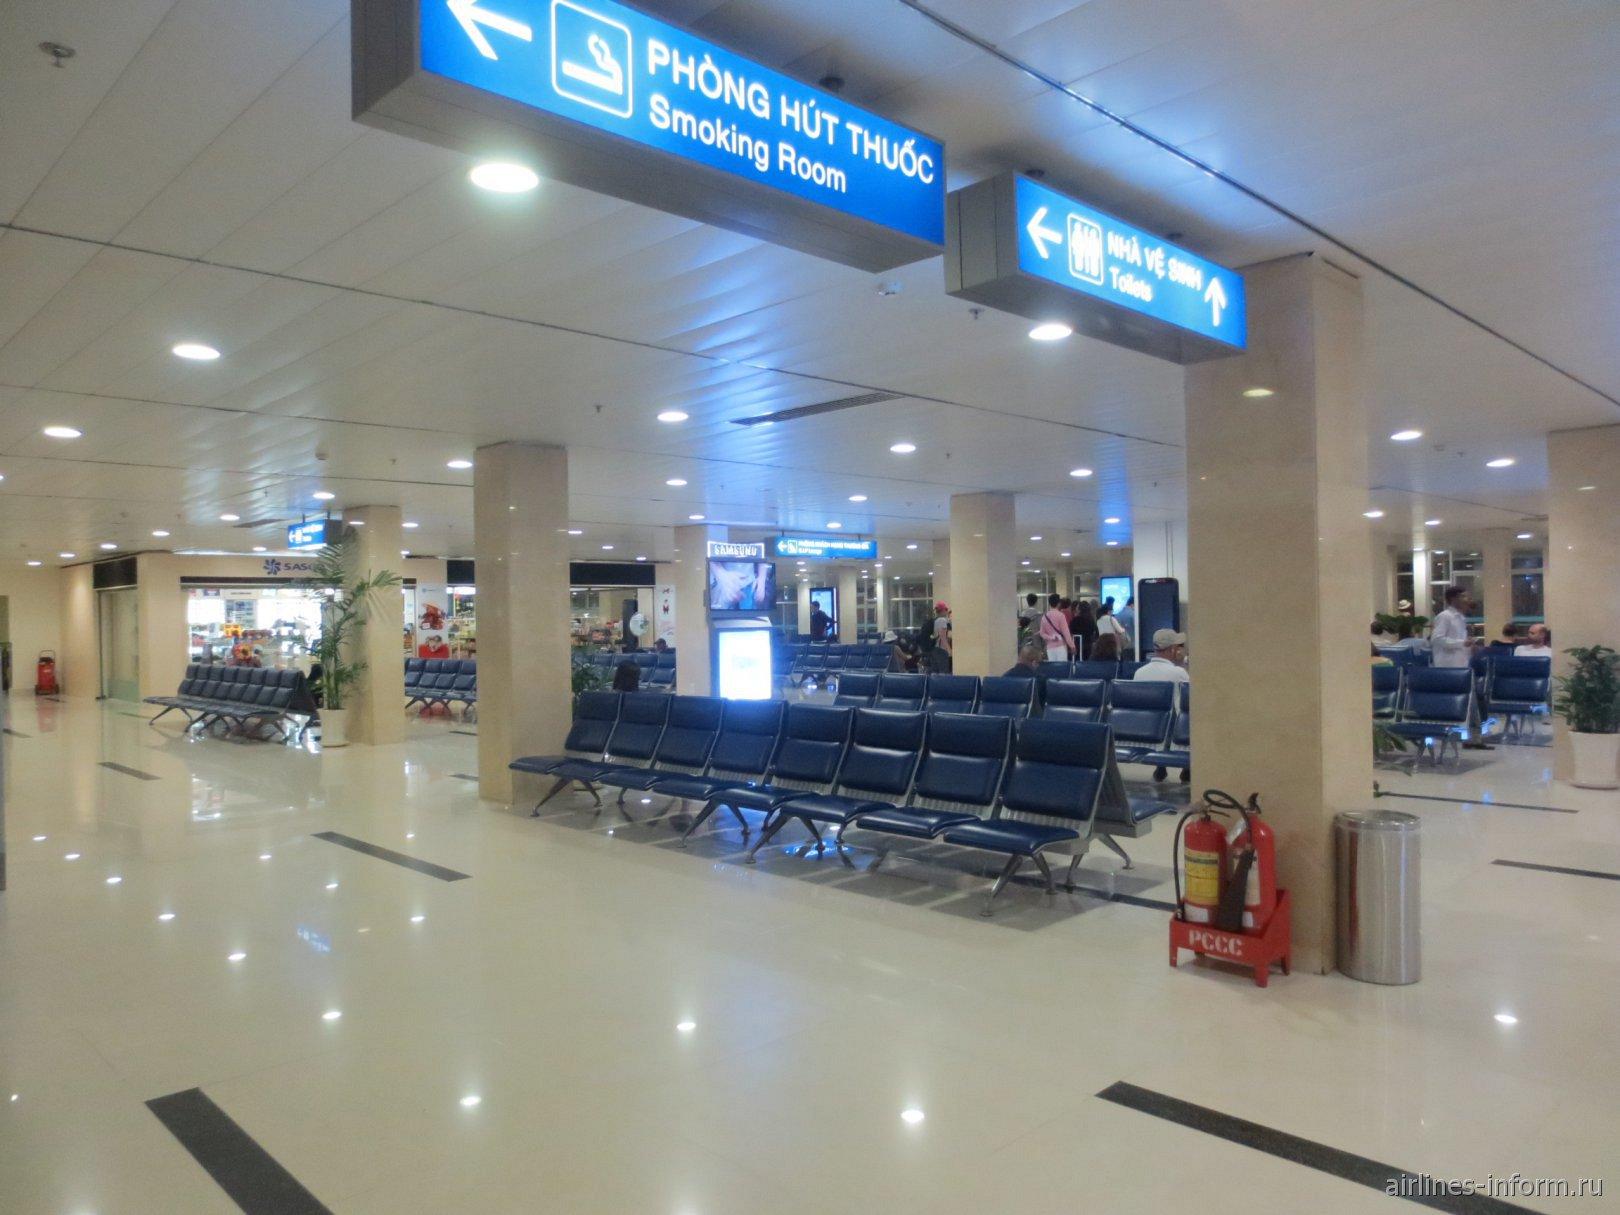 Зал ожидания в терминале внутренних линий аэропорта Хошимин Тан Сон Нхат